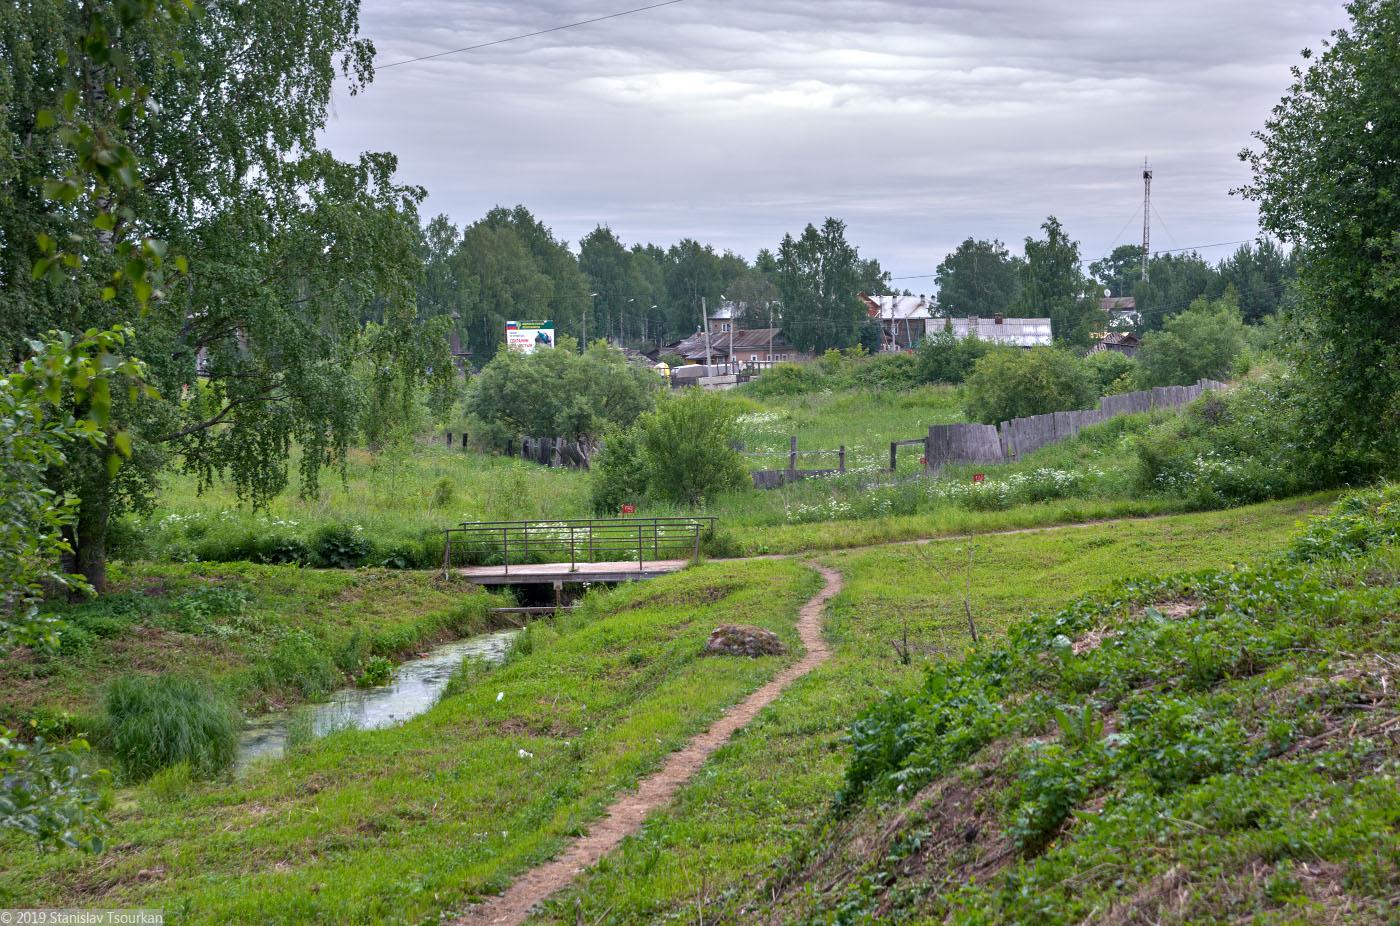 Вологодская область, Вологодчина, Великий устюг, Русский север, сквер Мира